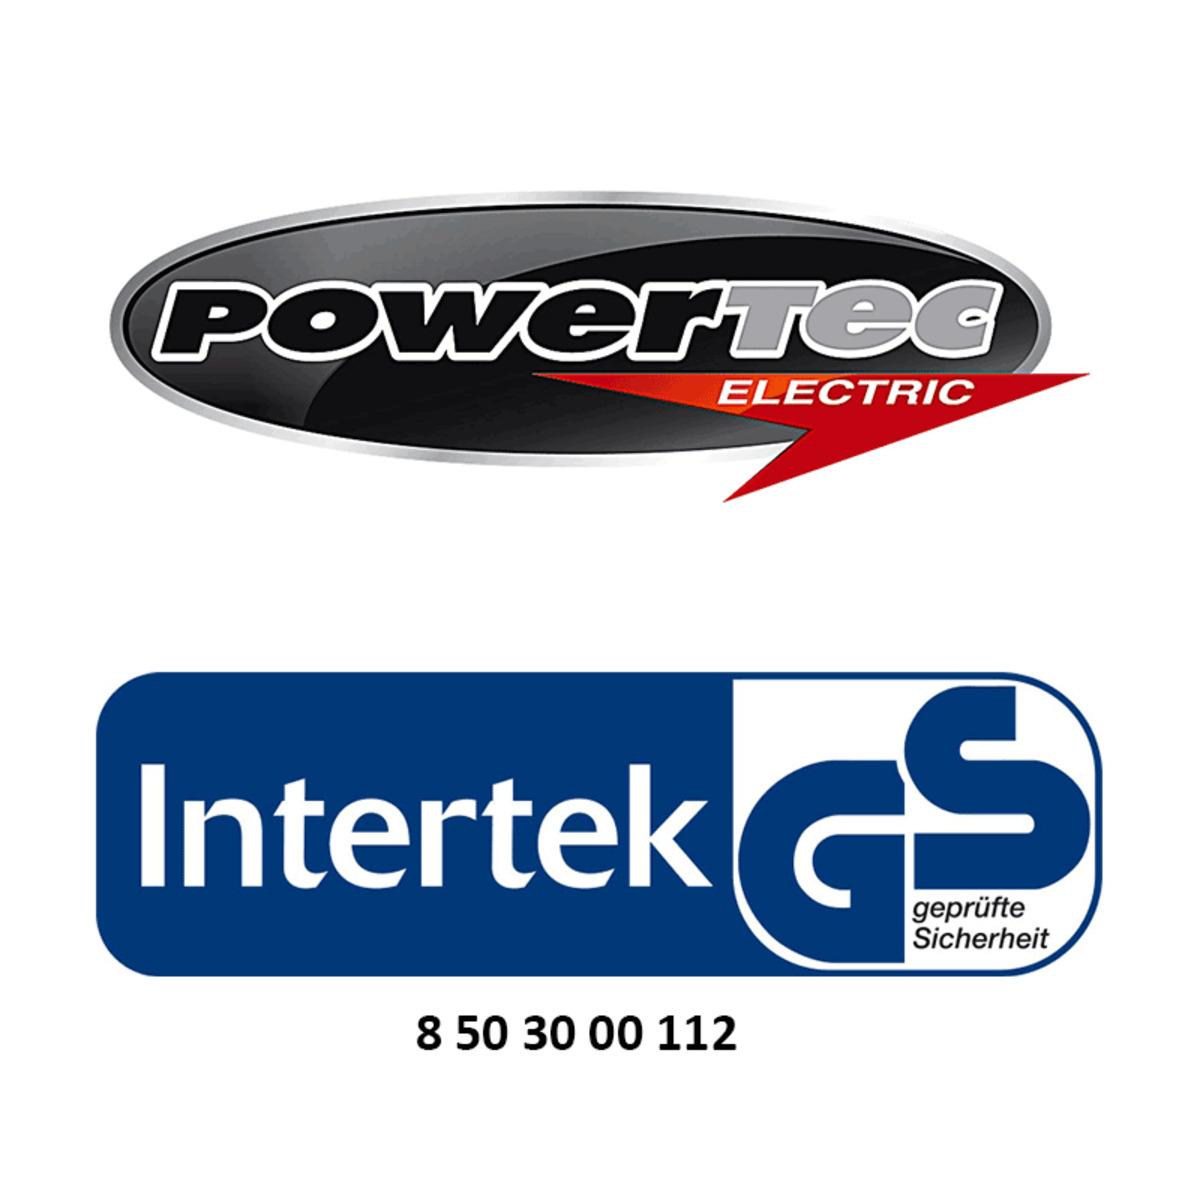 Bild 2 von Powertec Electric Clevere 4-fach Steckdose mit Schalter